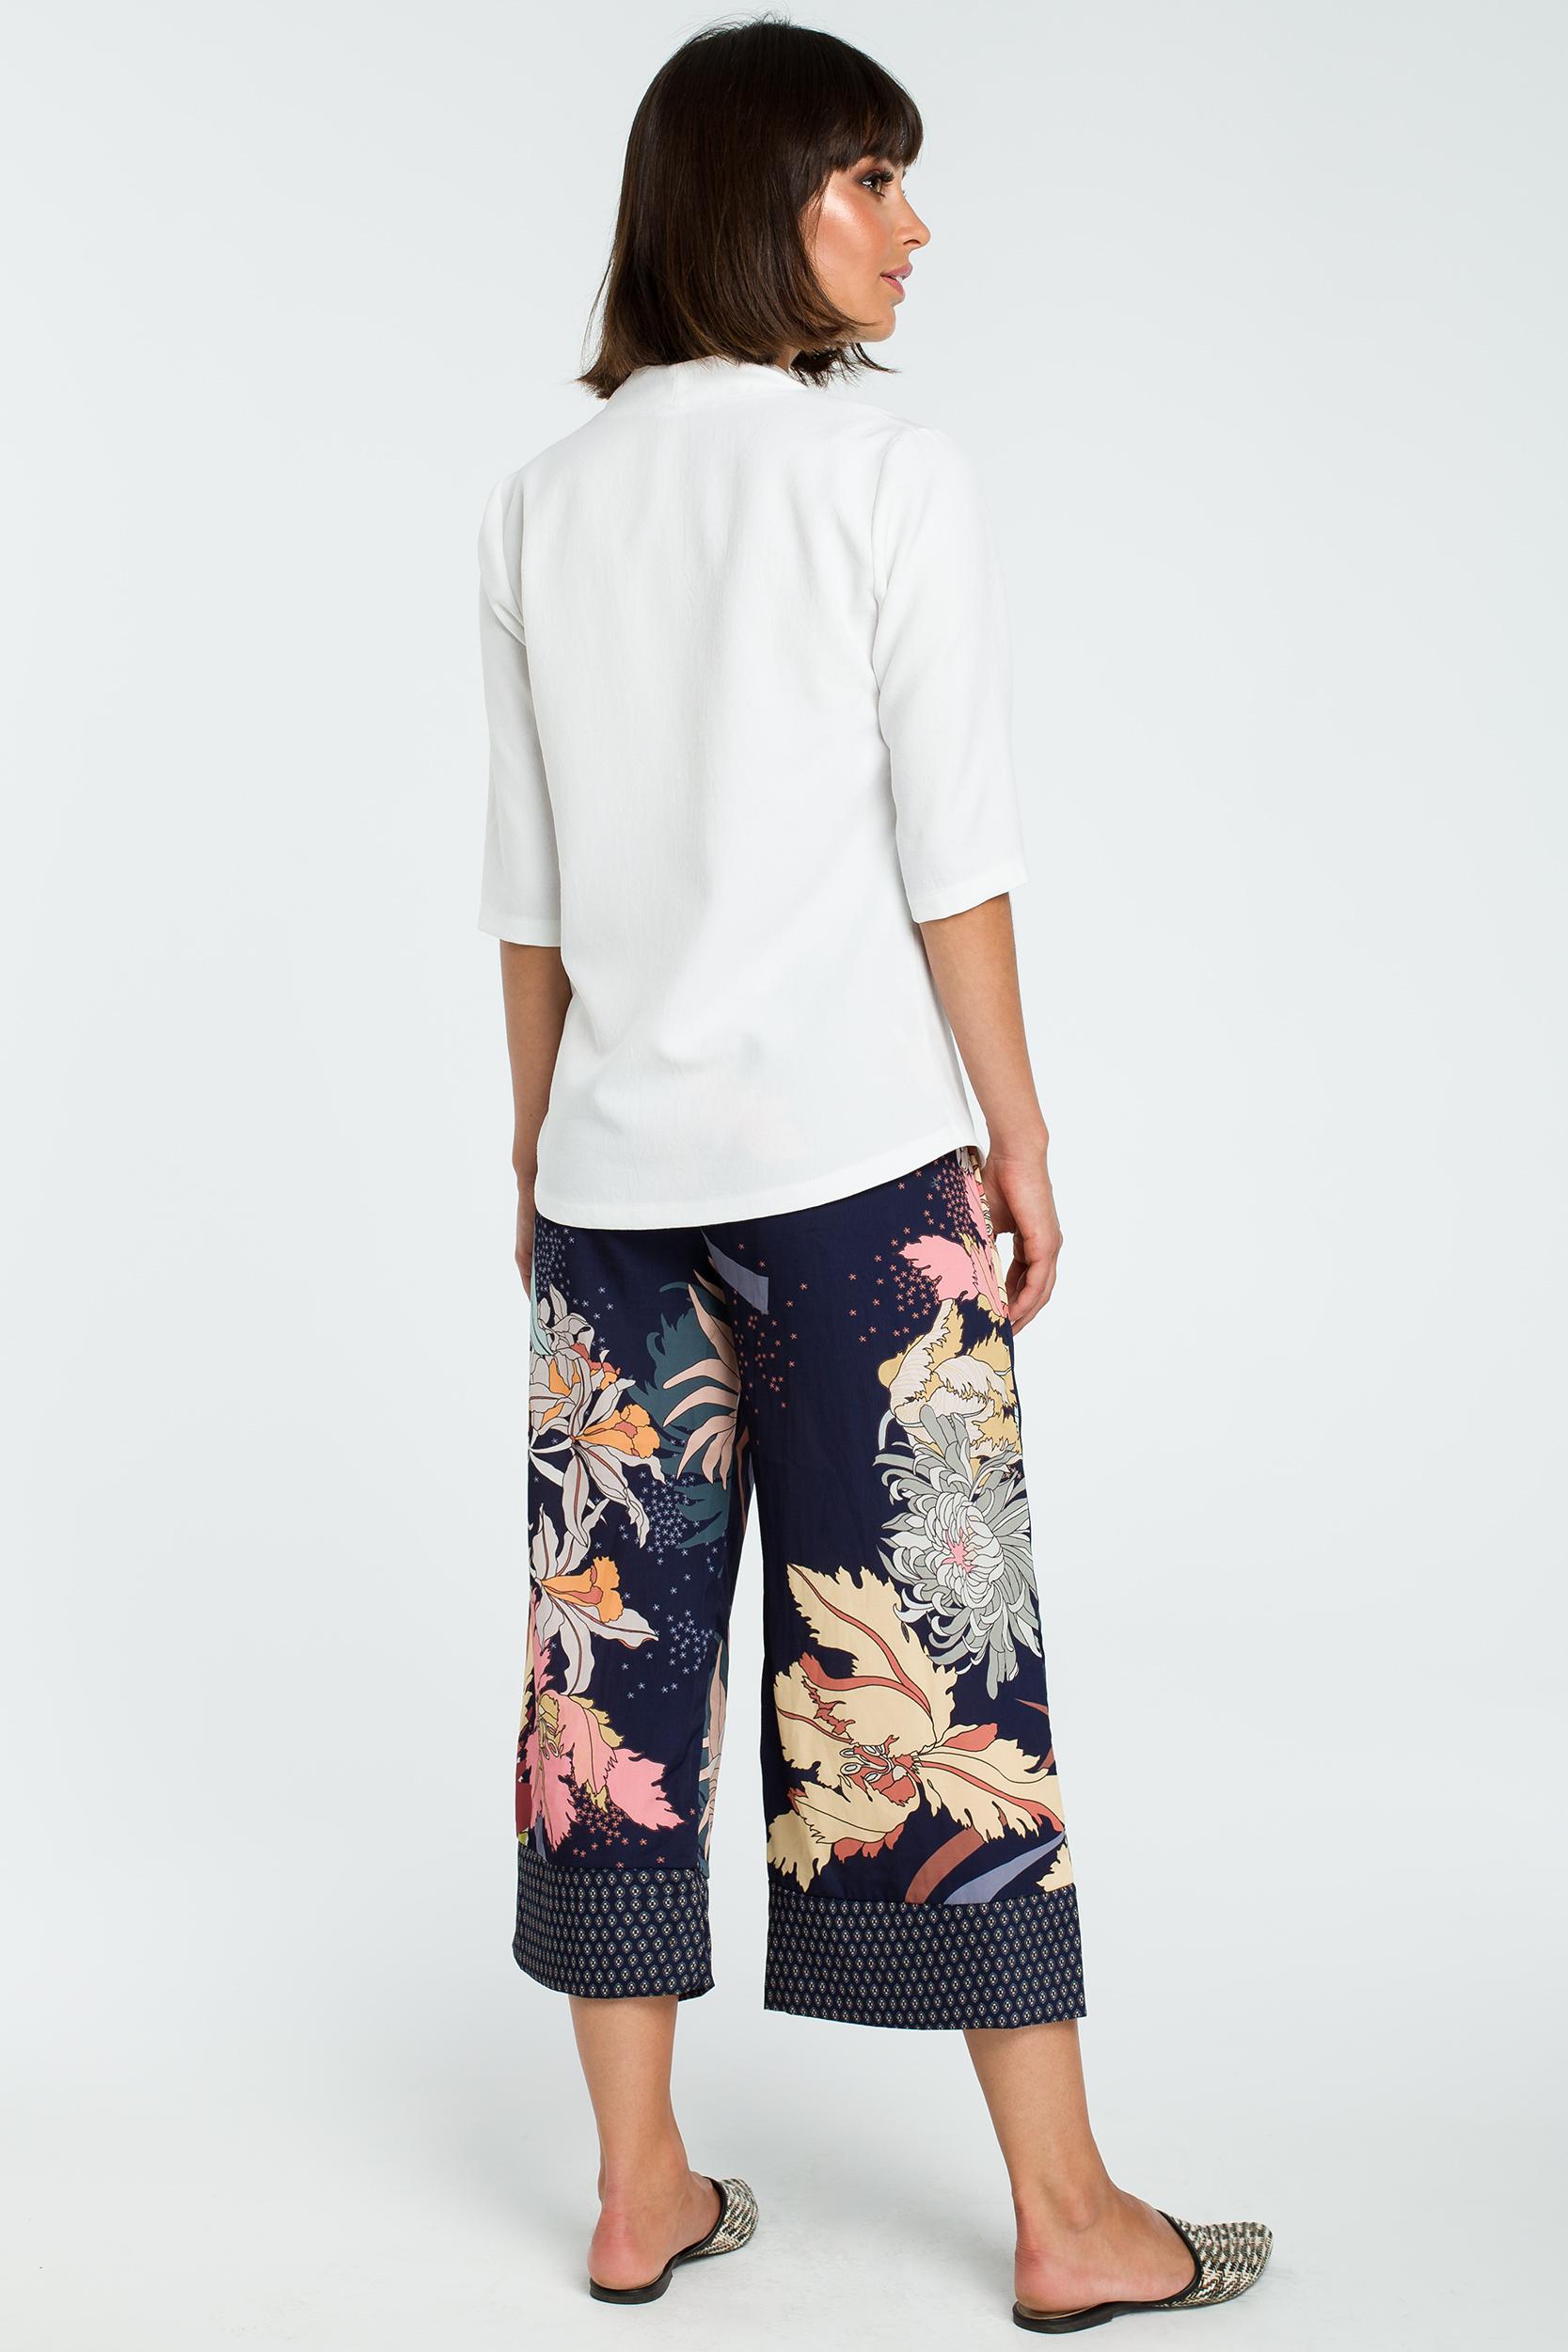 Zupełnie nowe Elegancka bluzka koszulowa z lnem biała - wysyłka kurierem od 5,99 zł WA51